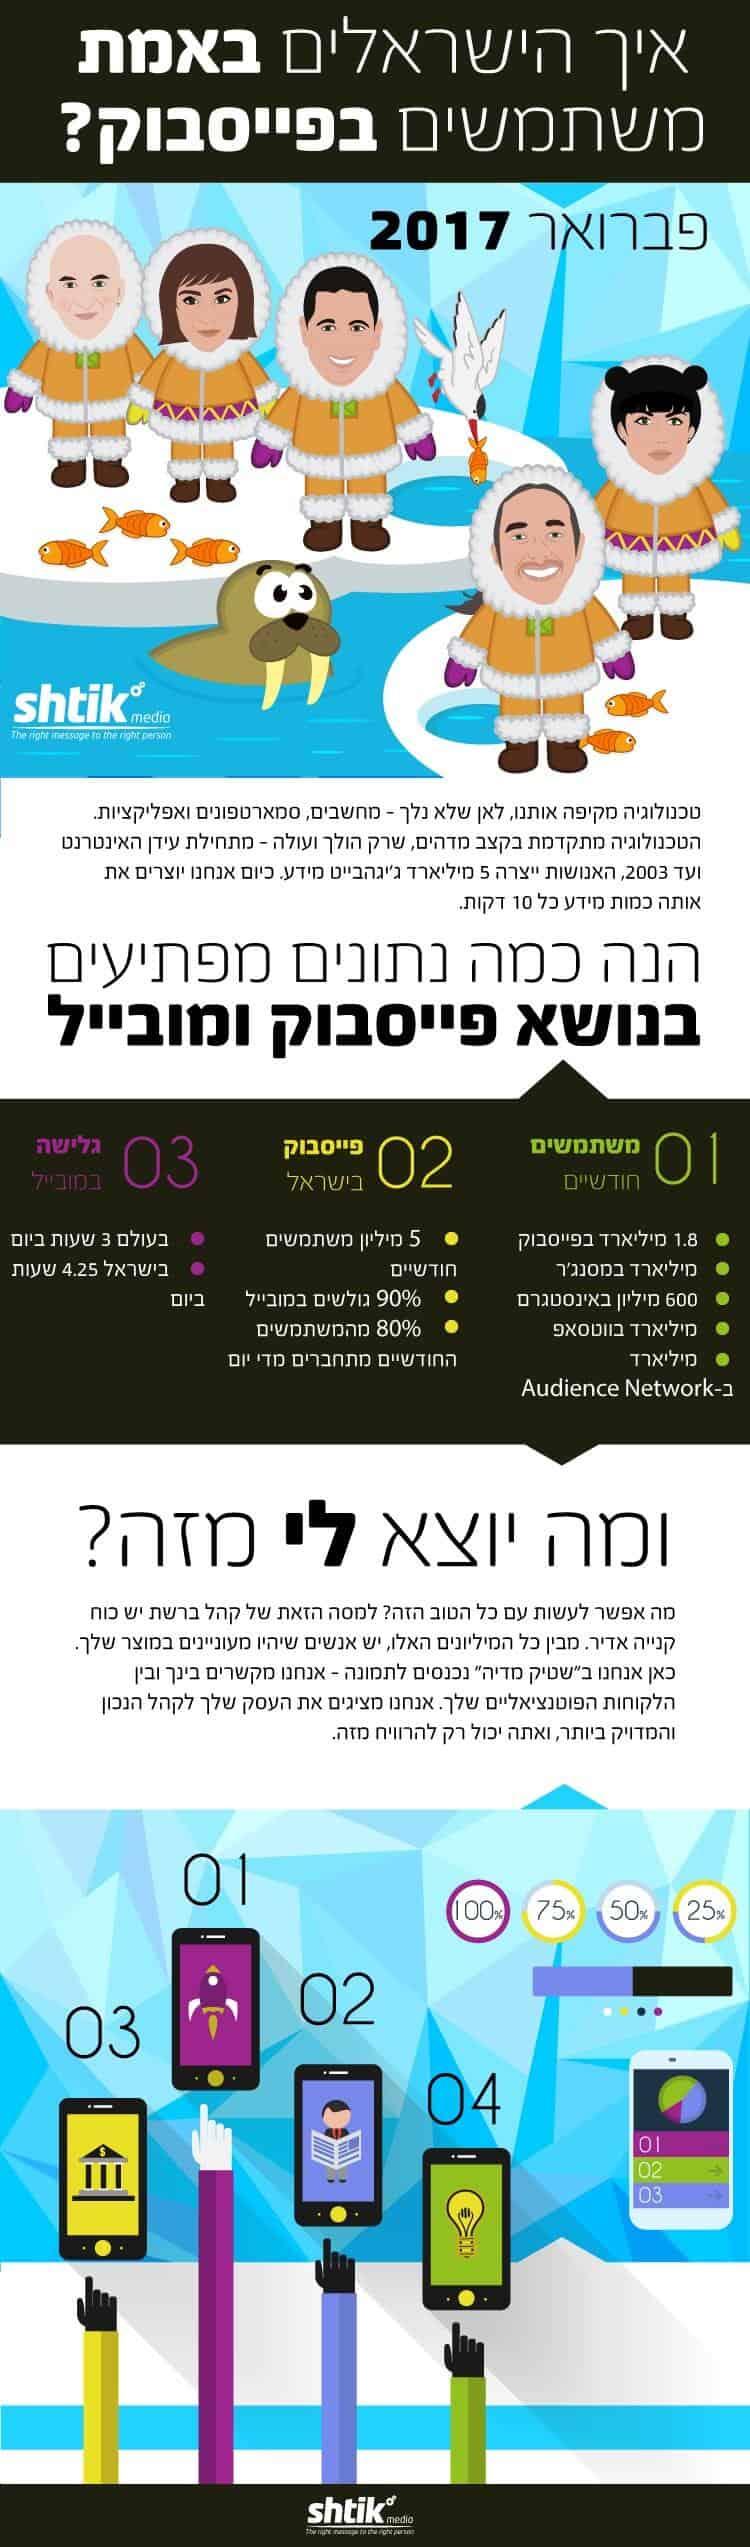 ישראלים בפייסבוק